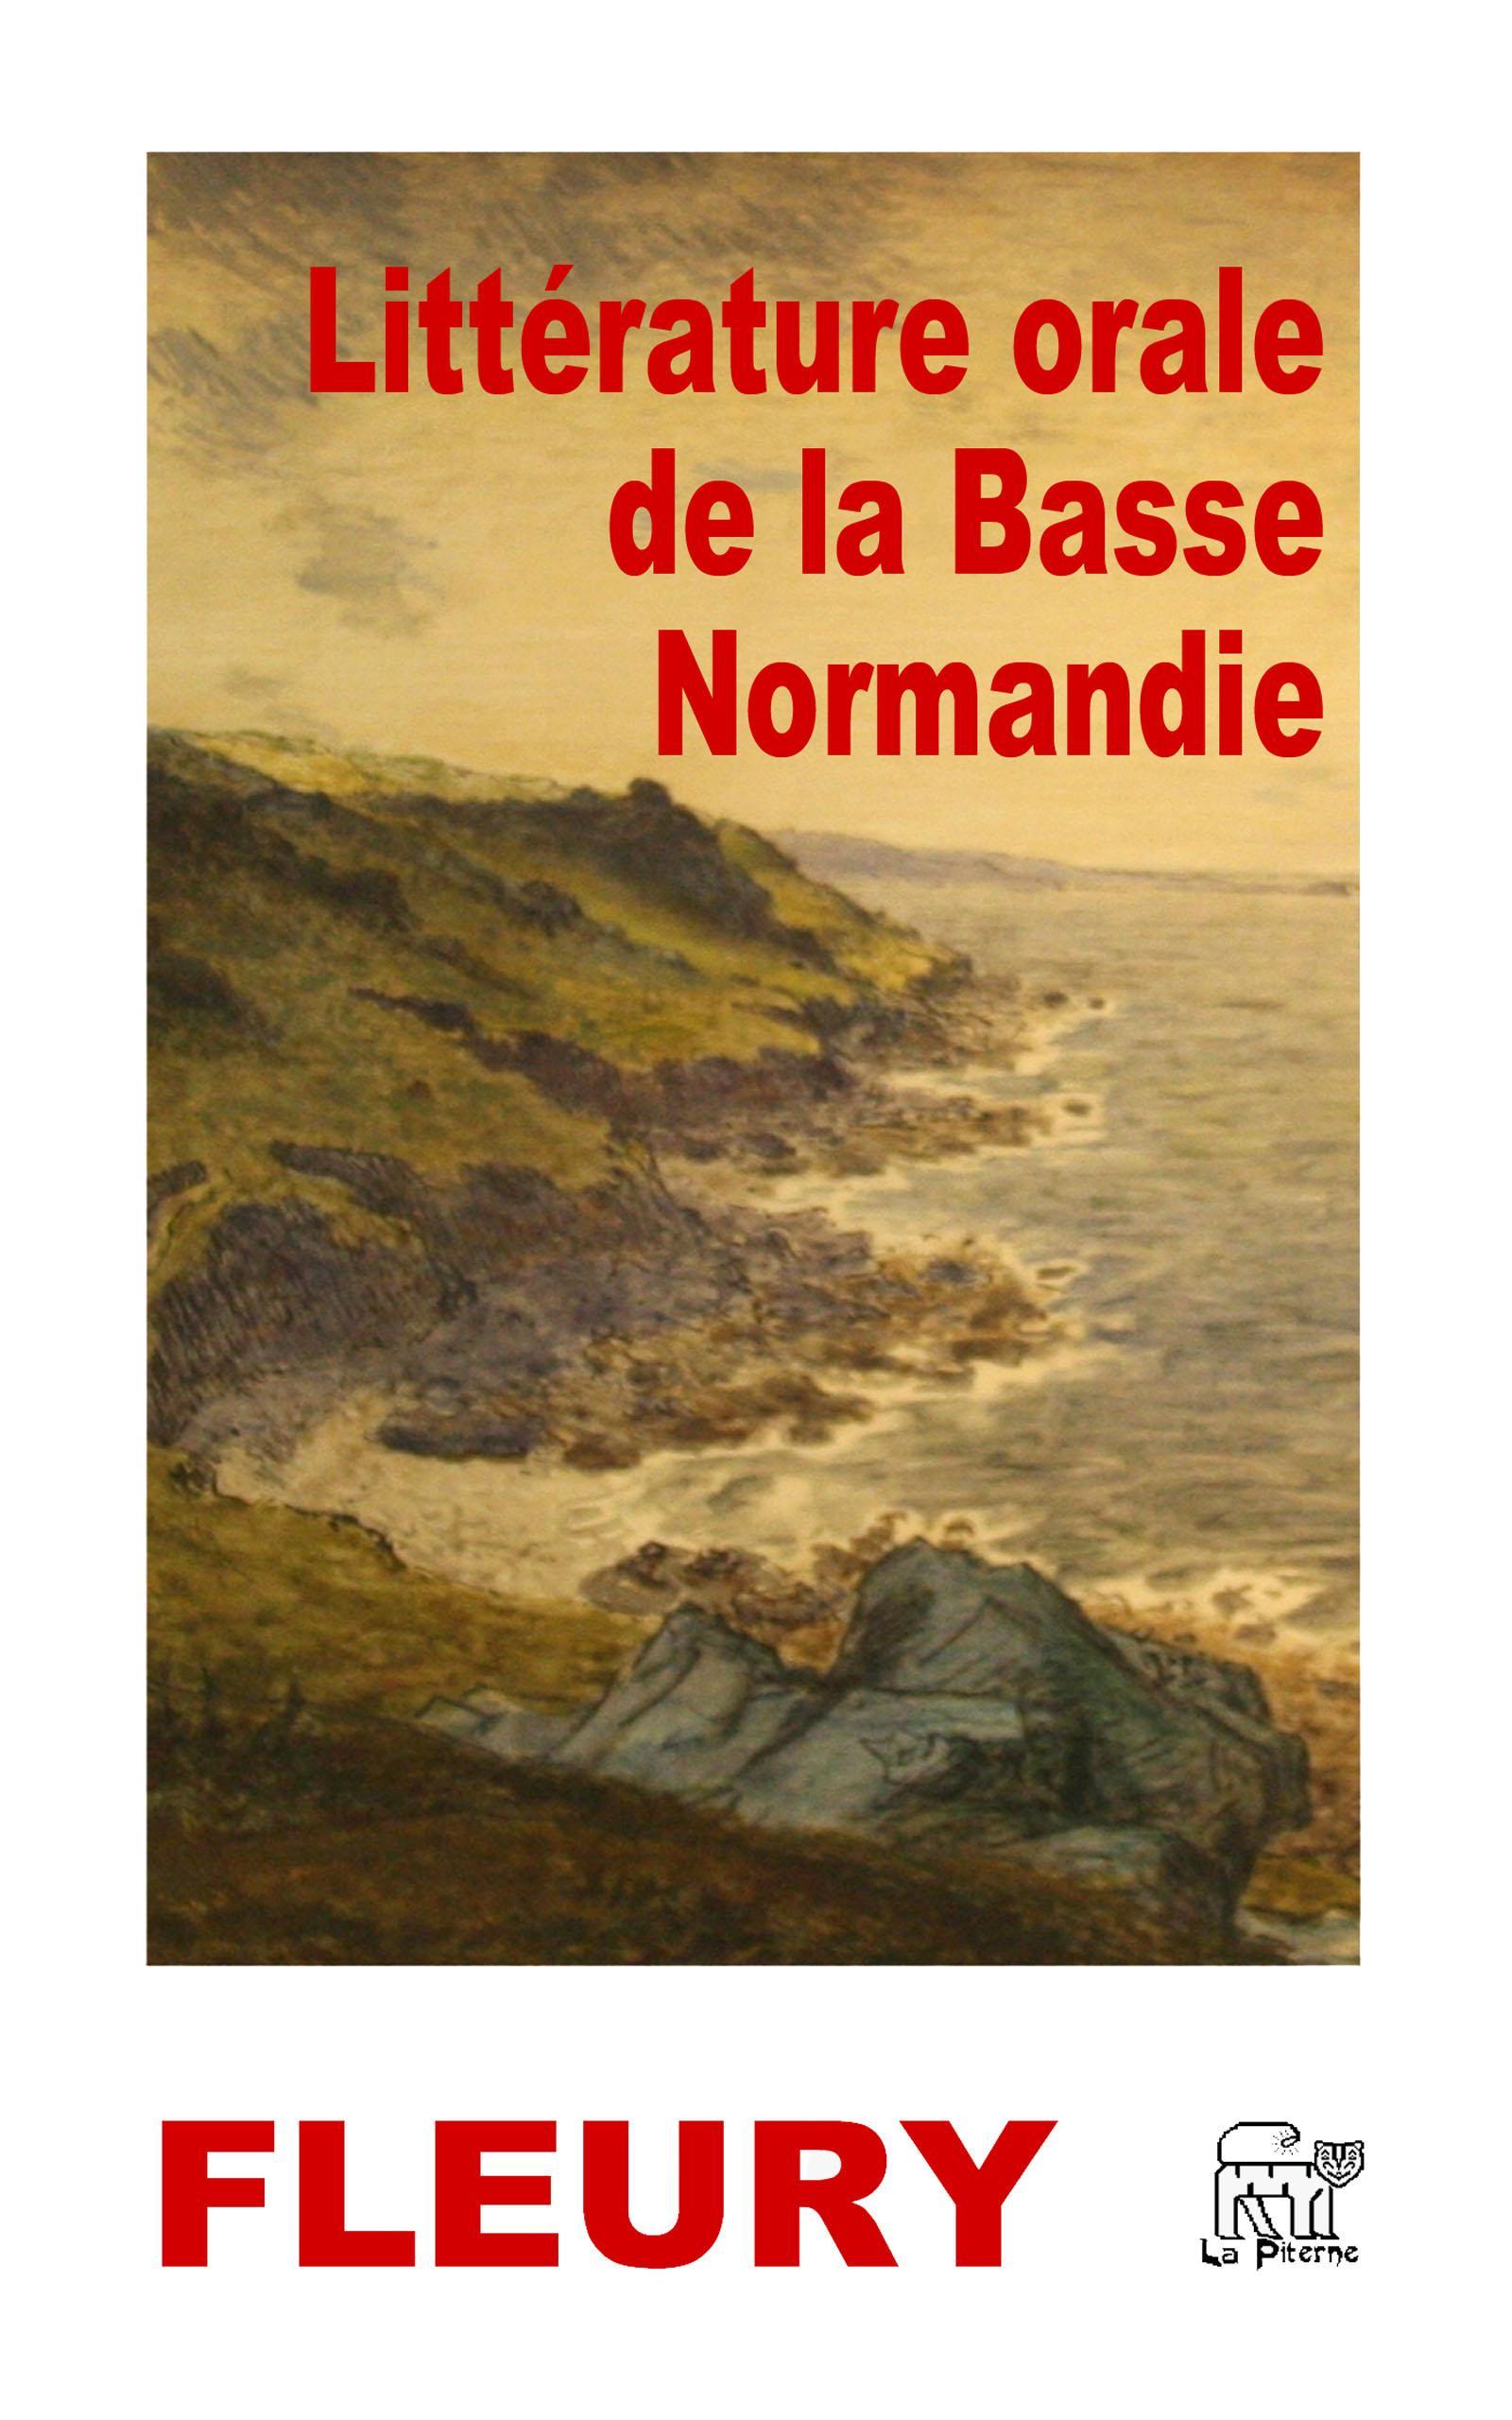 Littérature orale de la Basse-Normandie